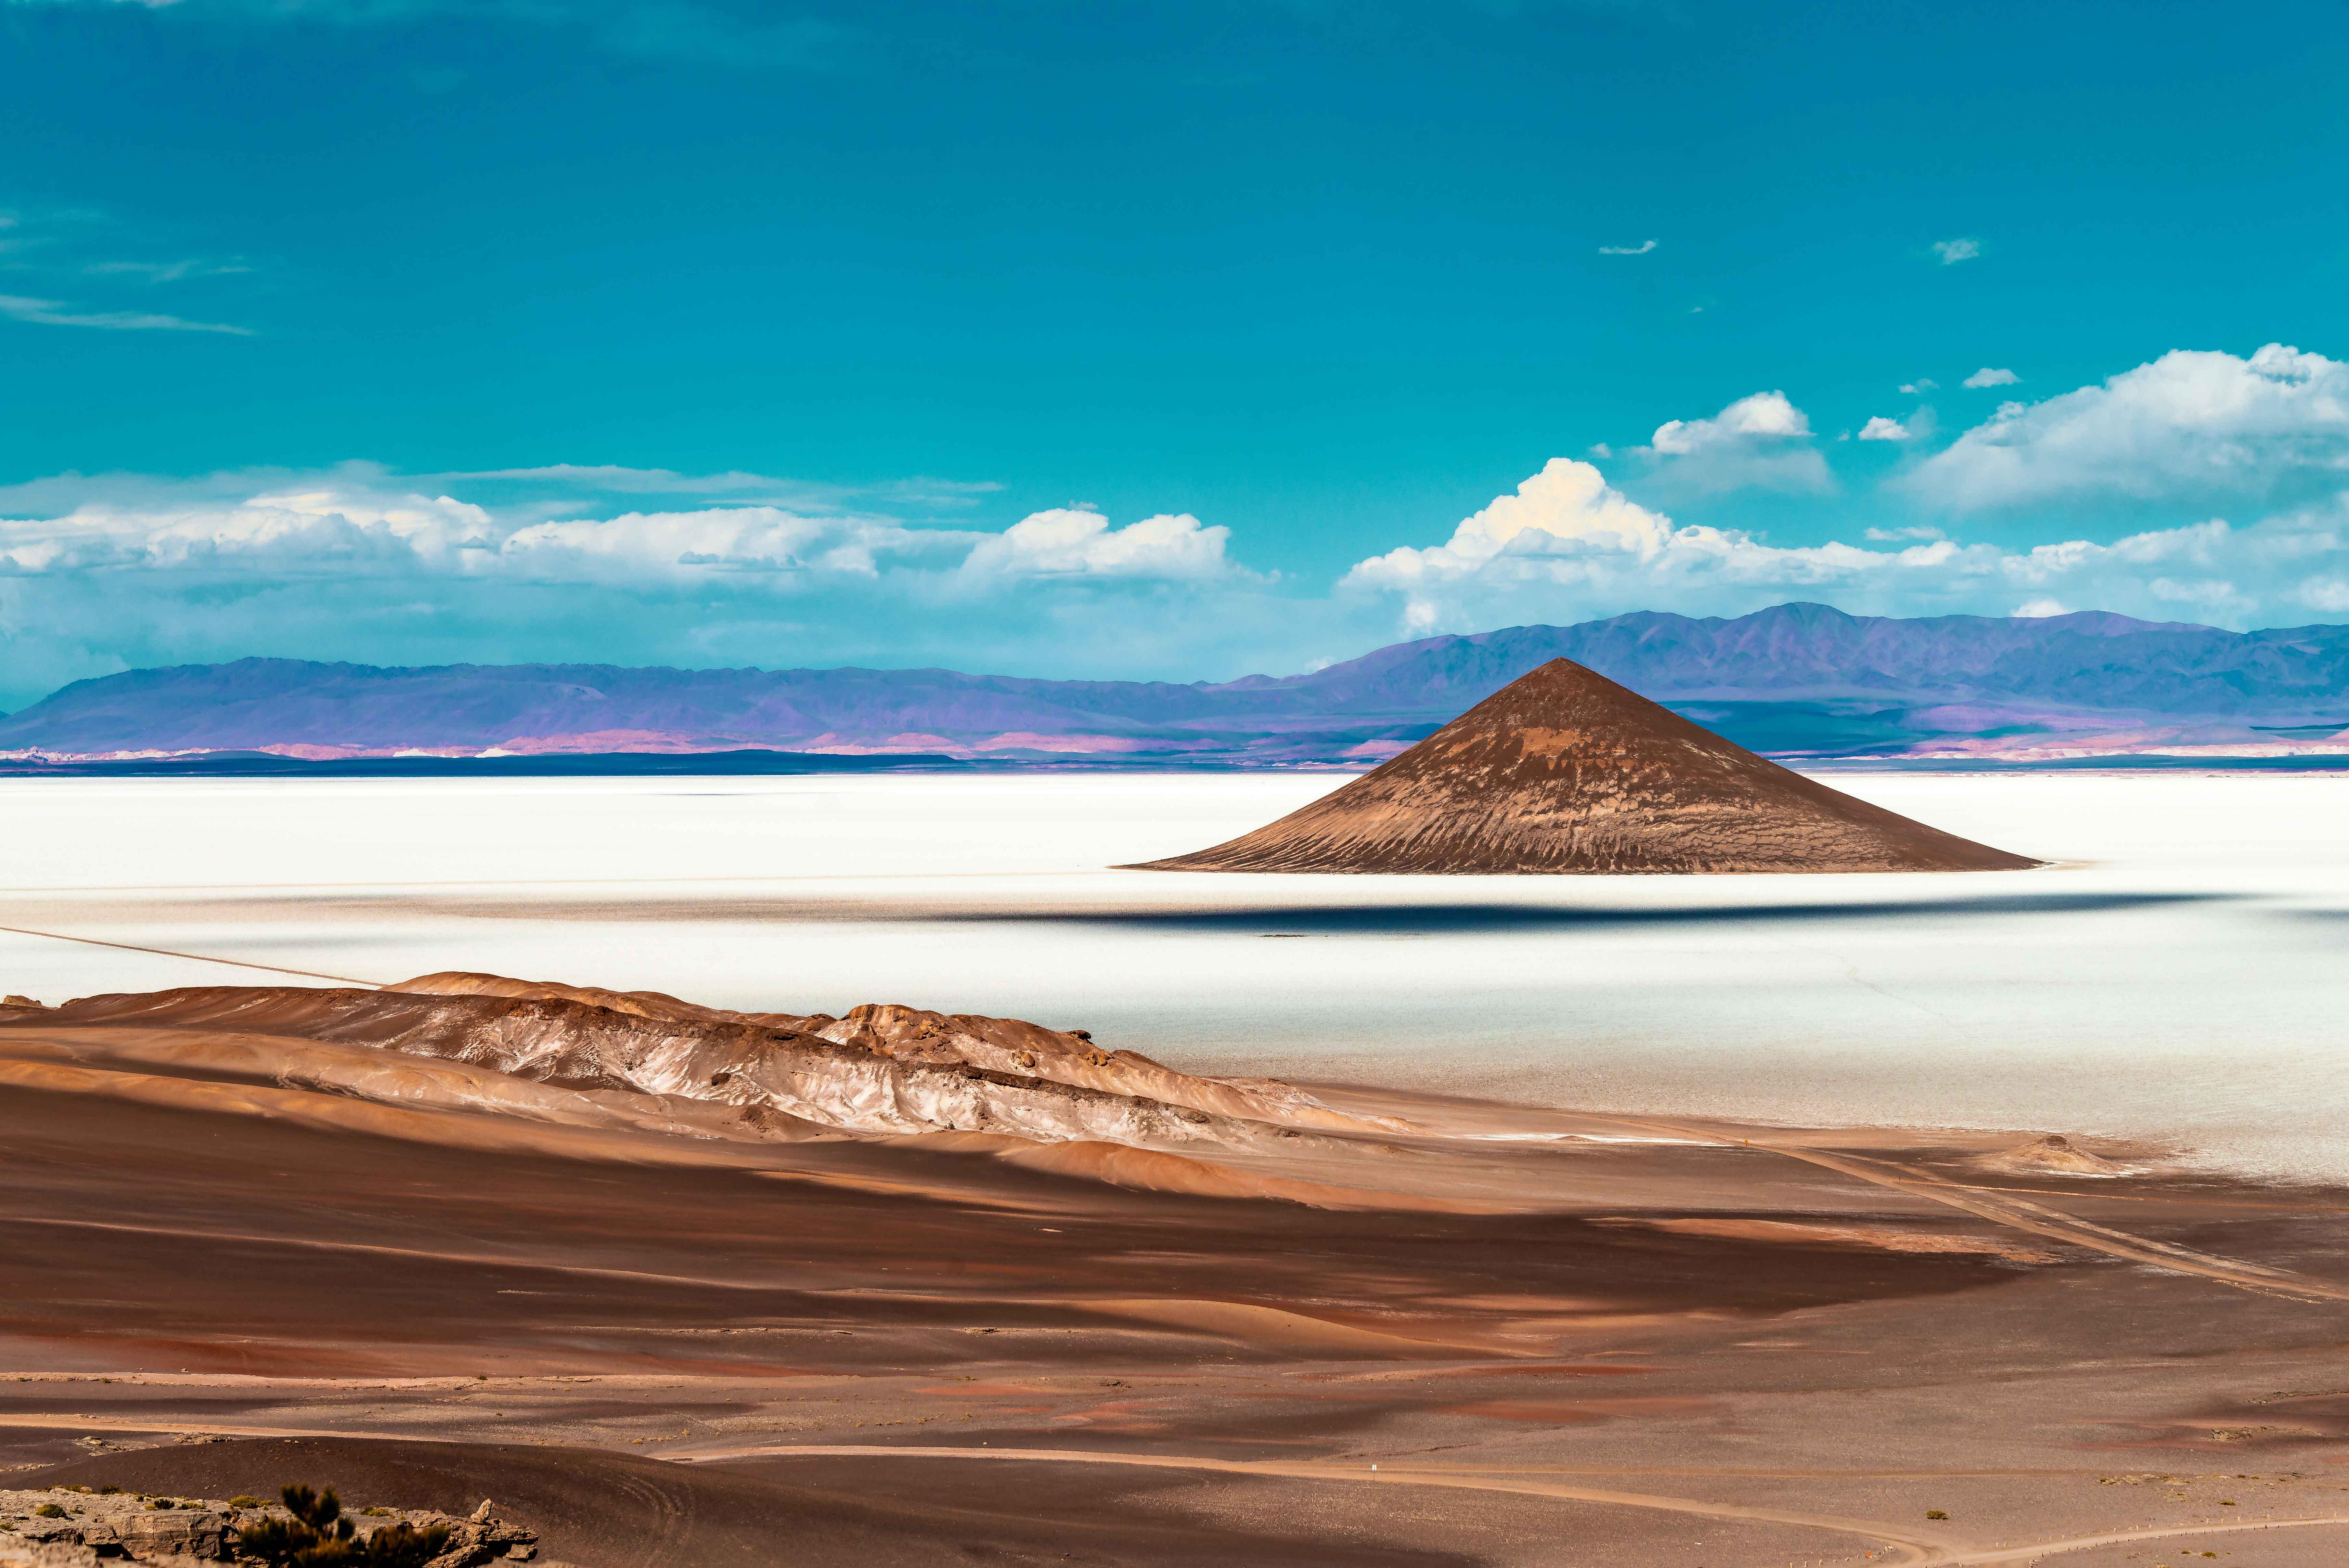 Kel 12 Calendario Viaggi.Viaggio Nella Puna Argentina Tutto Un Altro Pianeta